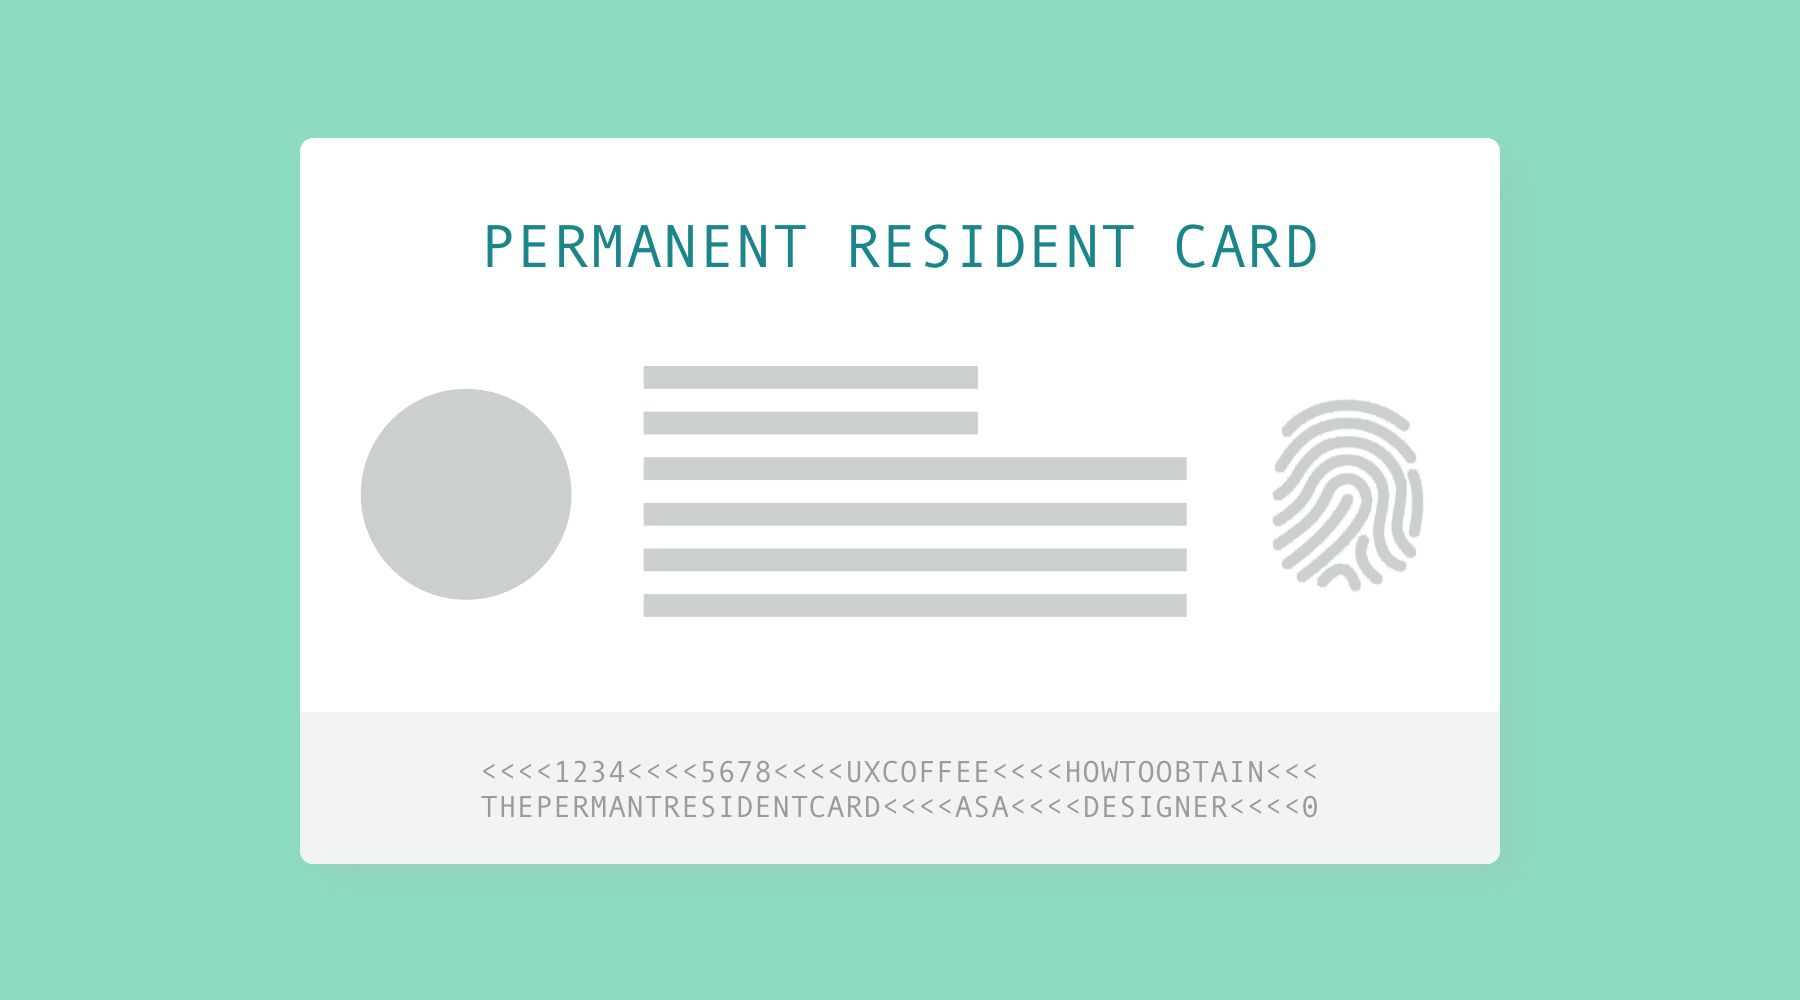 【经验贴】设计师如何快速申请获得美国杰出人才(EB1)绿卡